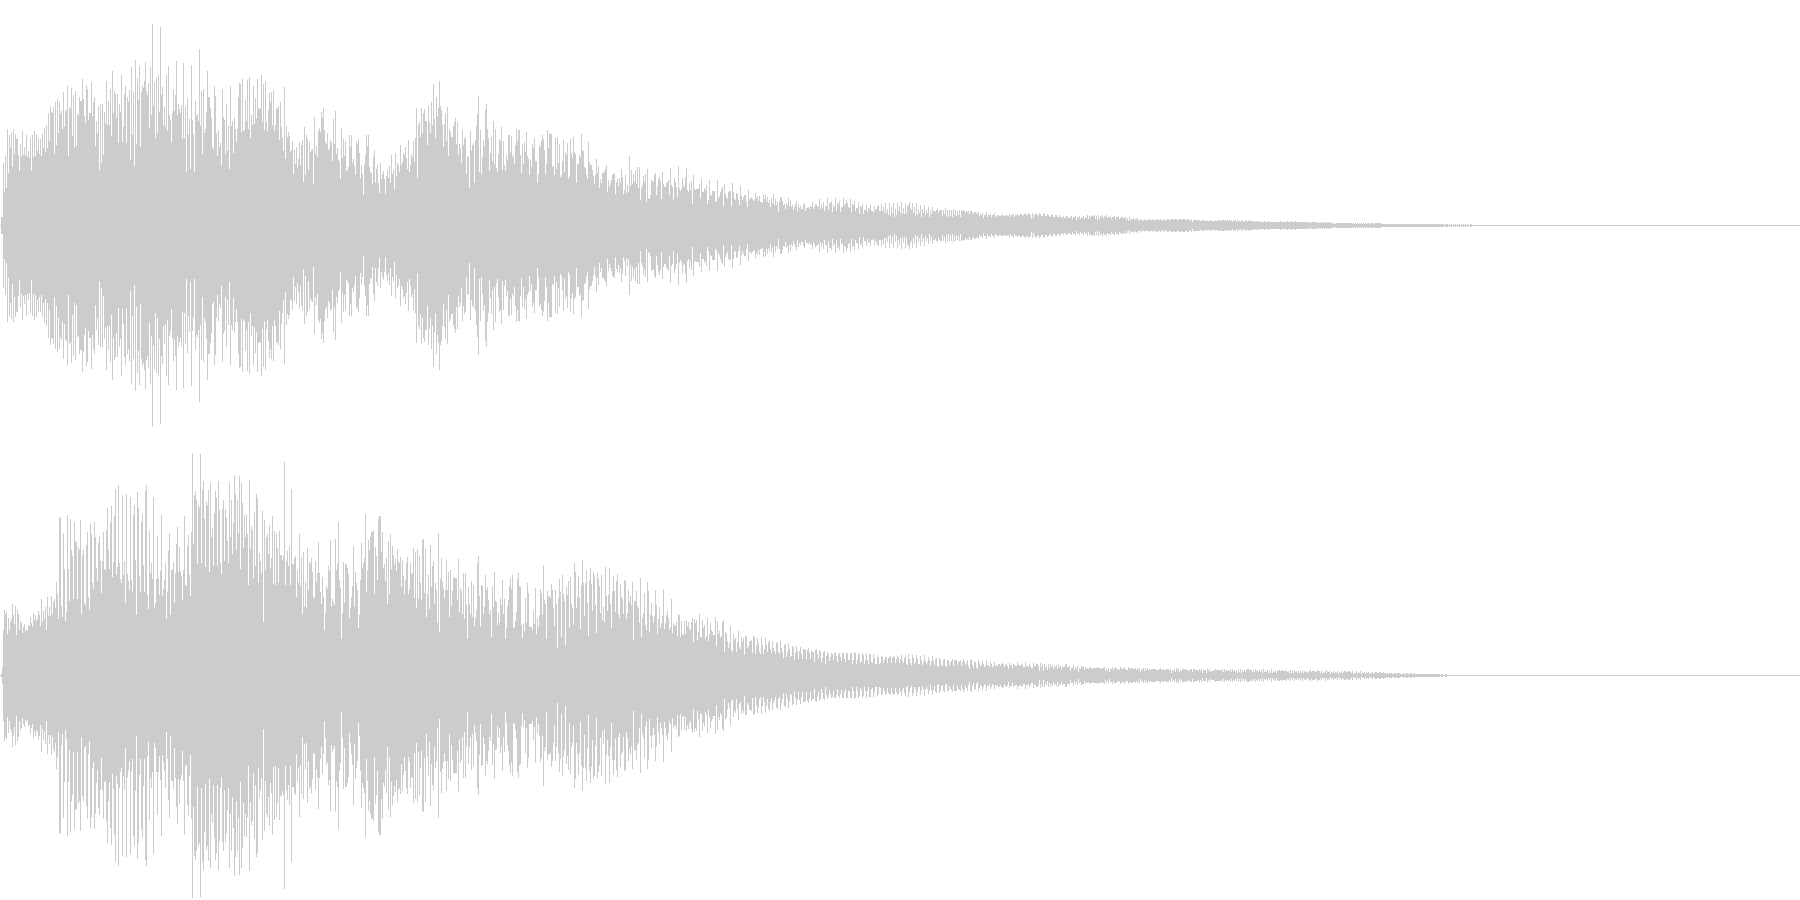 ウインドベルのようなピアノの調べの未再生の波形